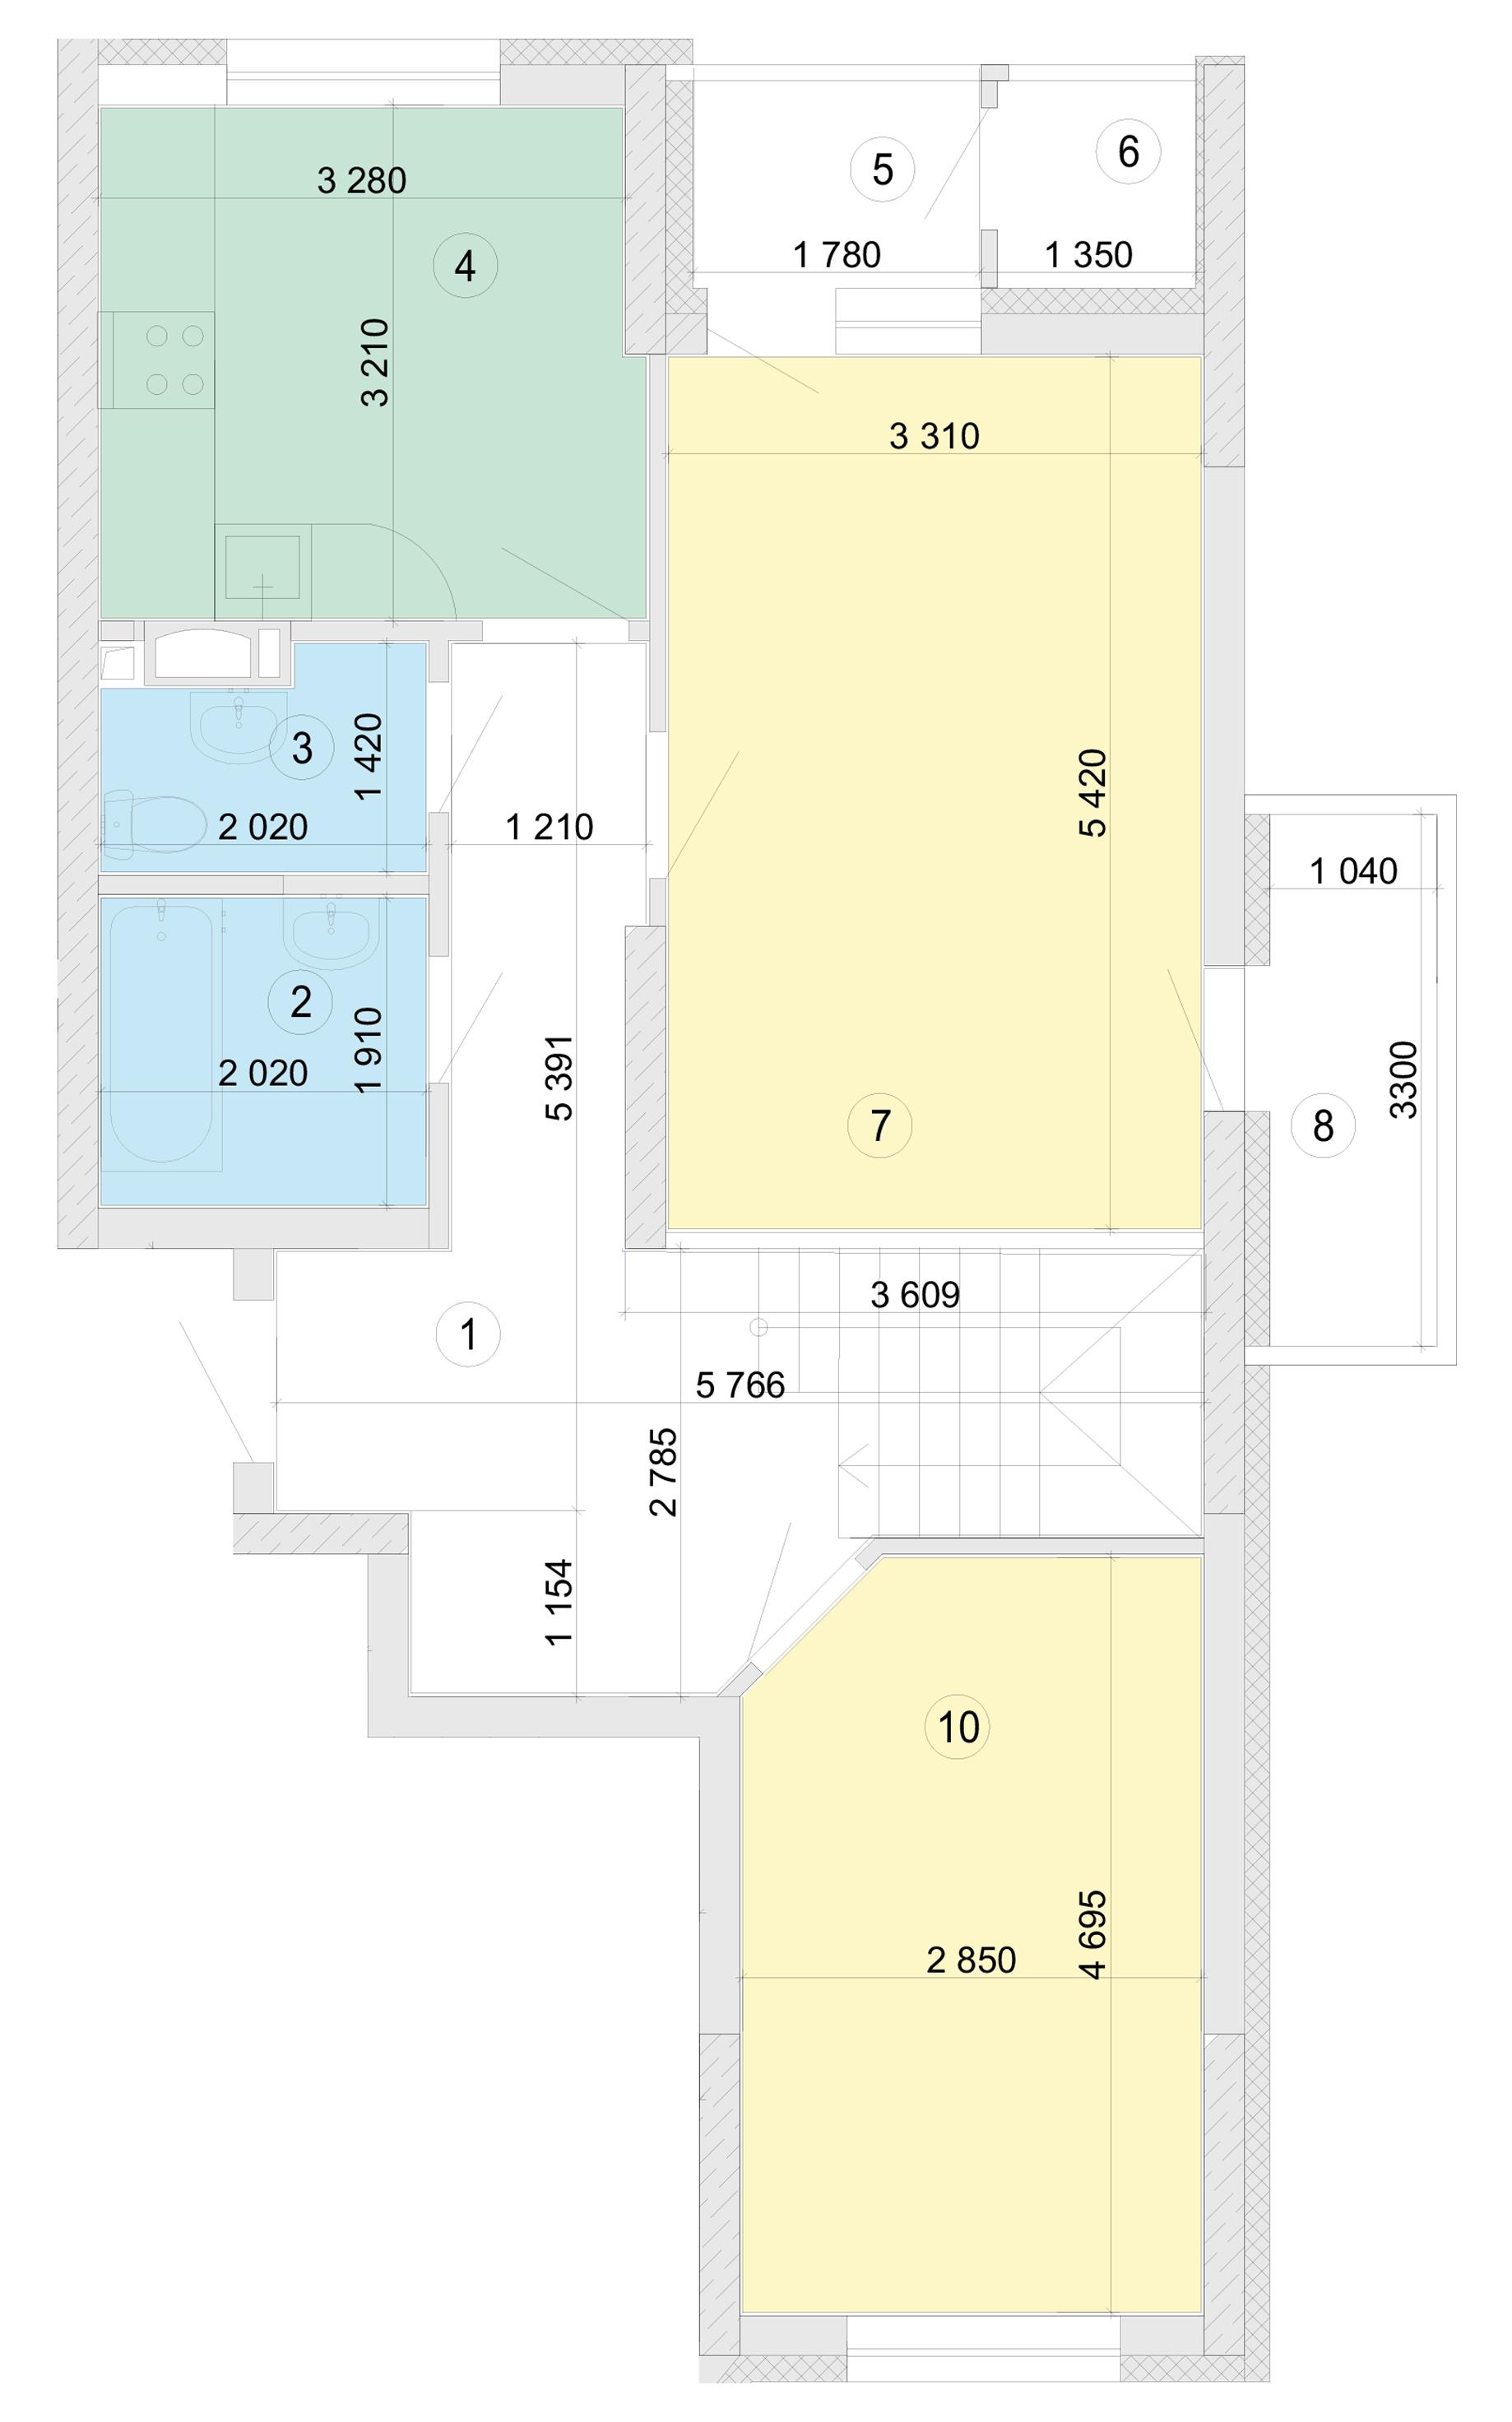 Купити Дворівнева квартира 94,38 кв.м., тип П1, будинок 2, секція 5 в Києві Голосіївський район